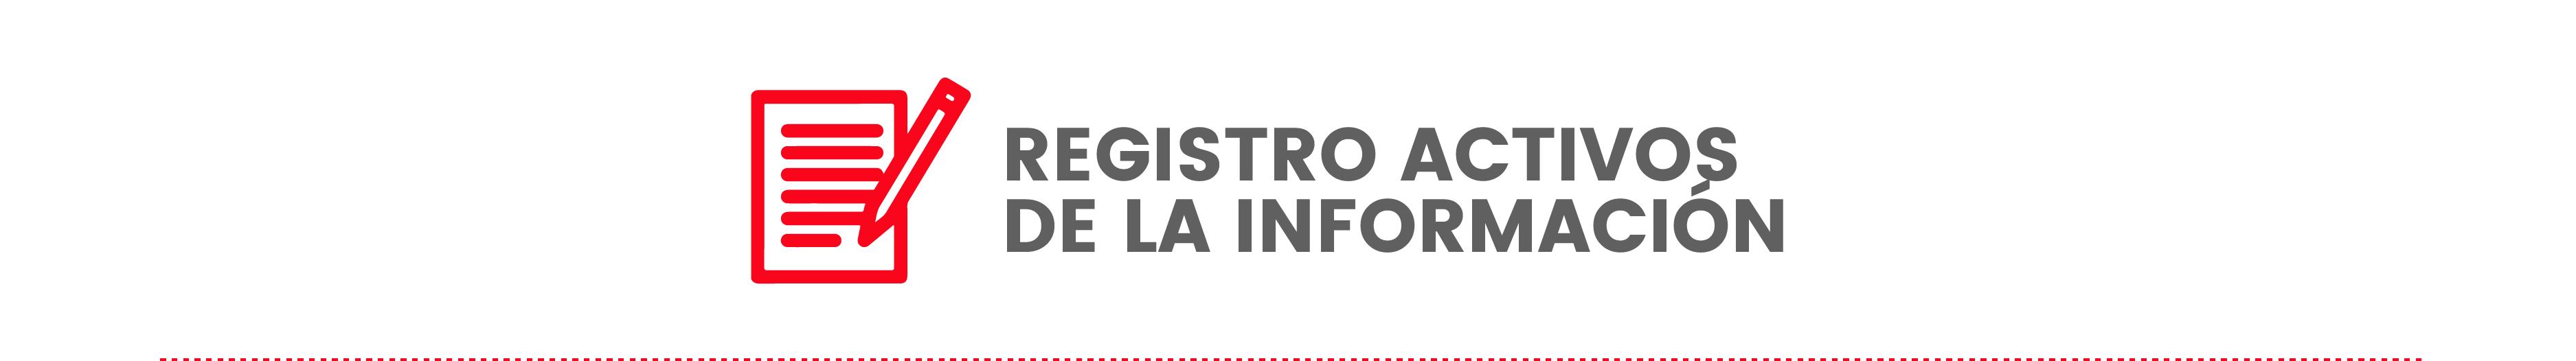 Registro Activos de la Información (Actualizando)